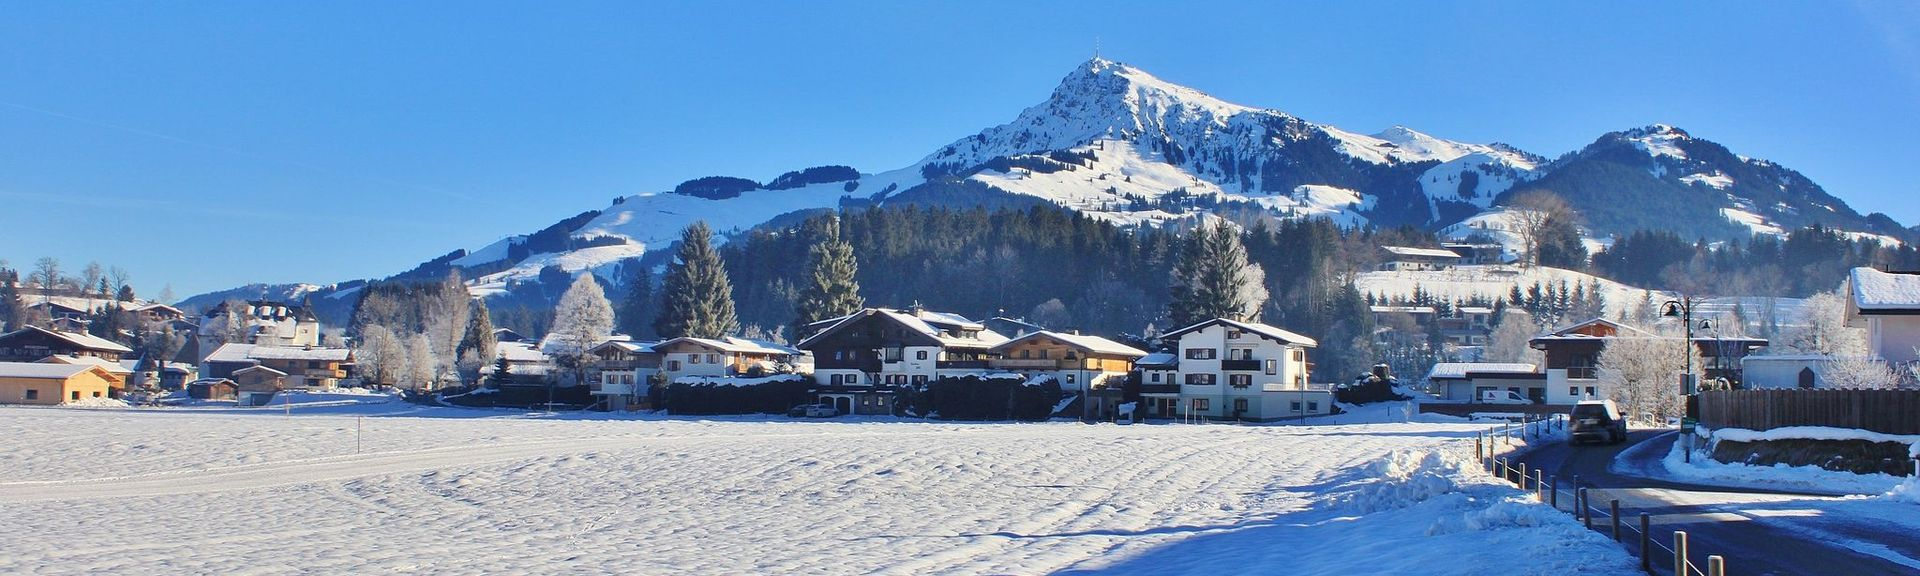 Col de Gerlos, Wald im Pinzgau, Salzbourg (état), Autriche